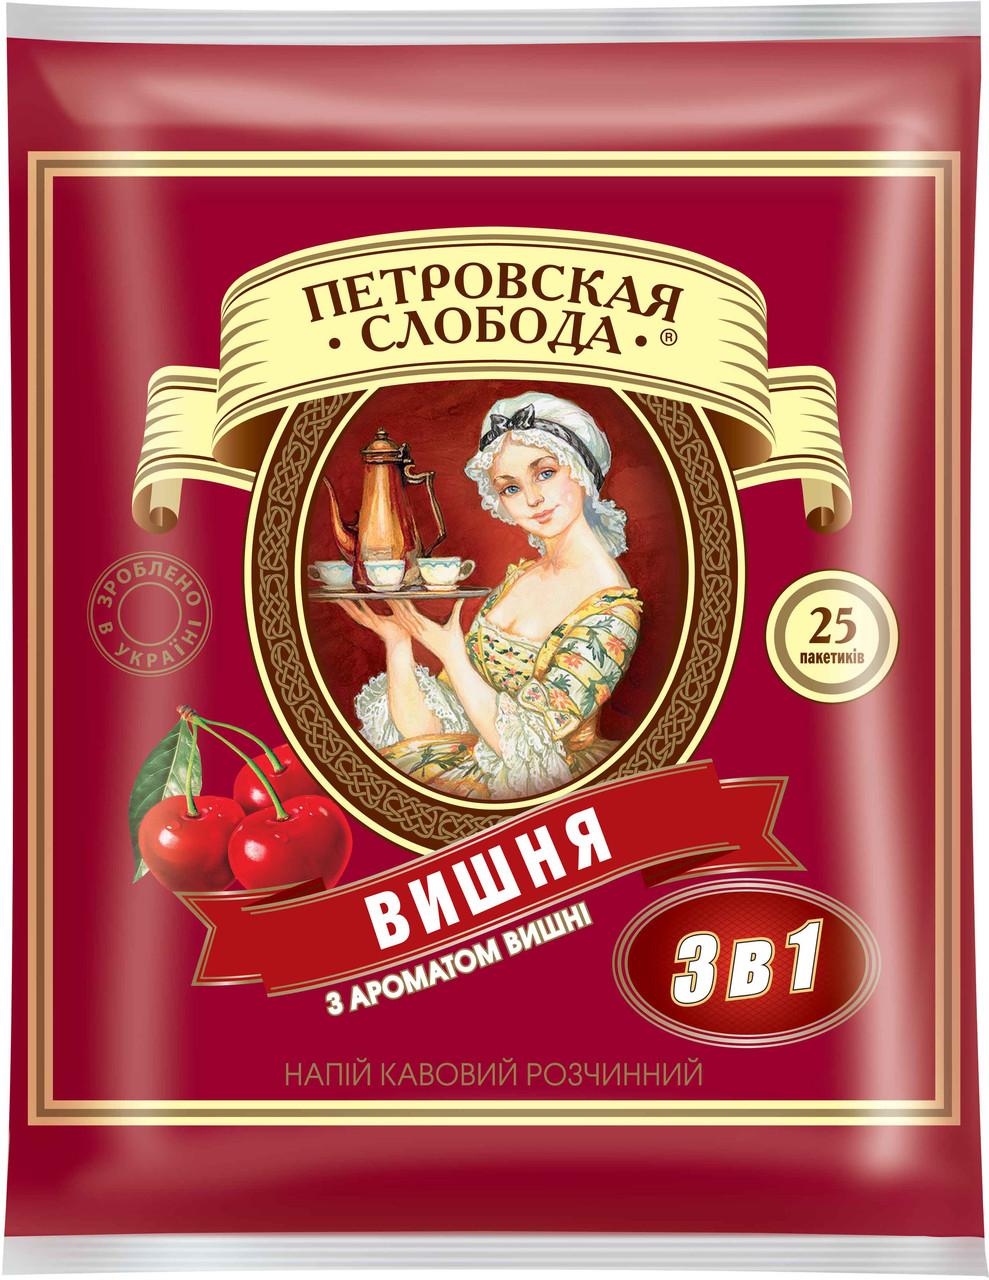 Кофейный напиток ПЕТРОВСКАЯ СЛОБОДА 3в1 Вишня 25 х 20 г